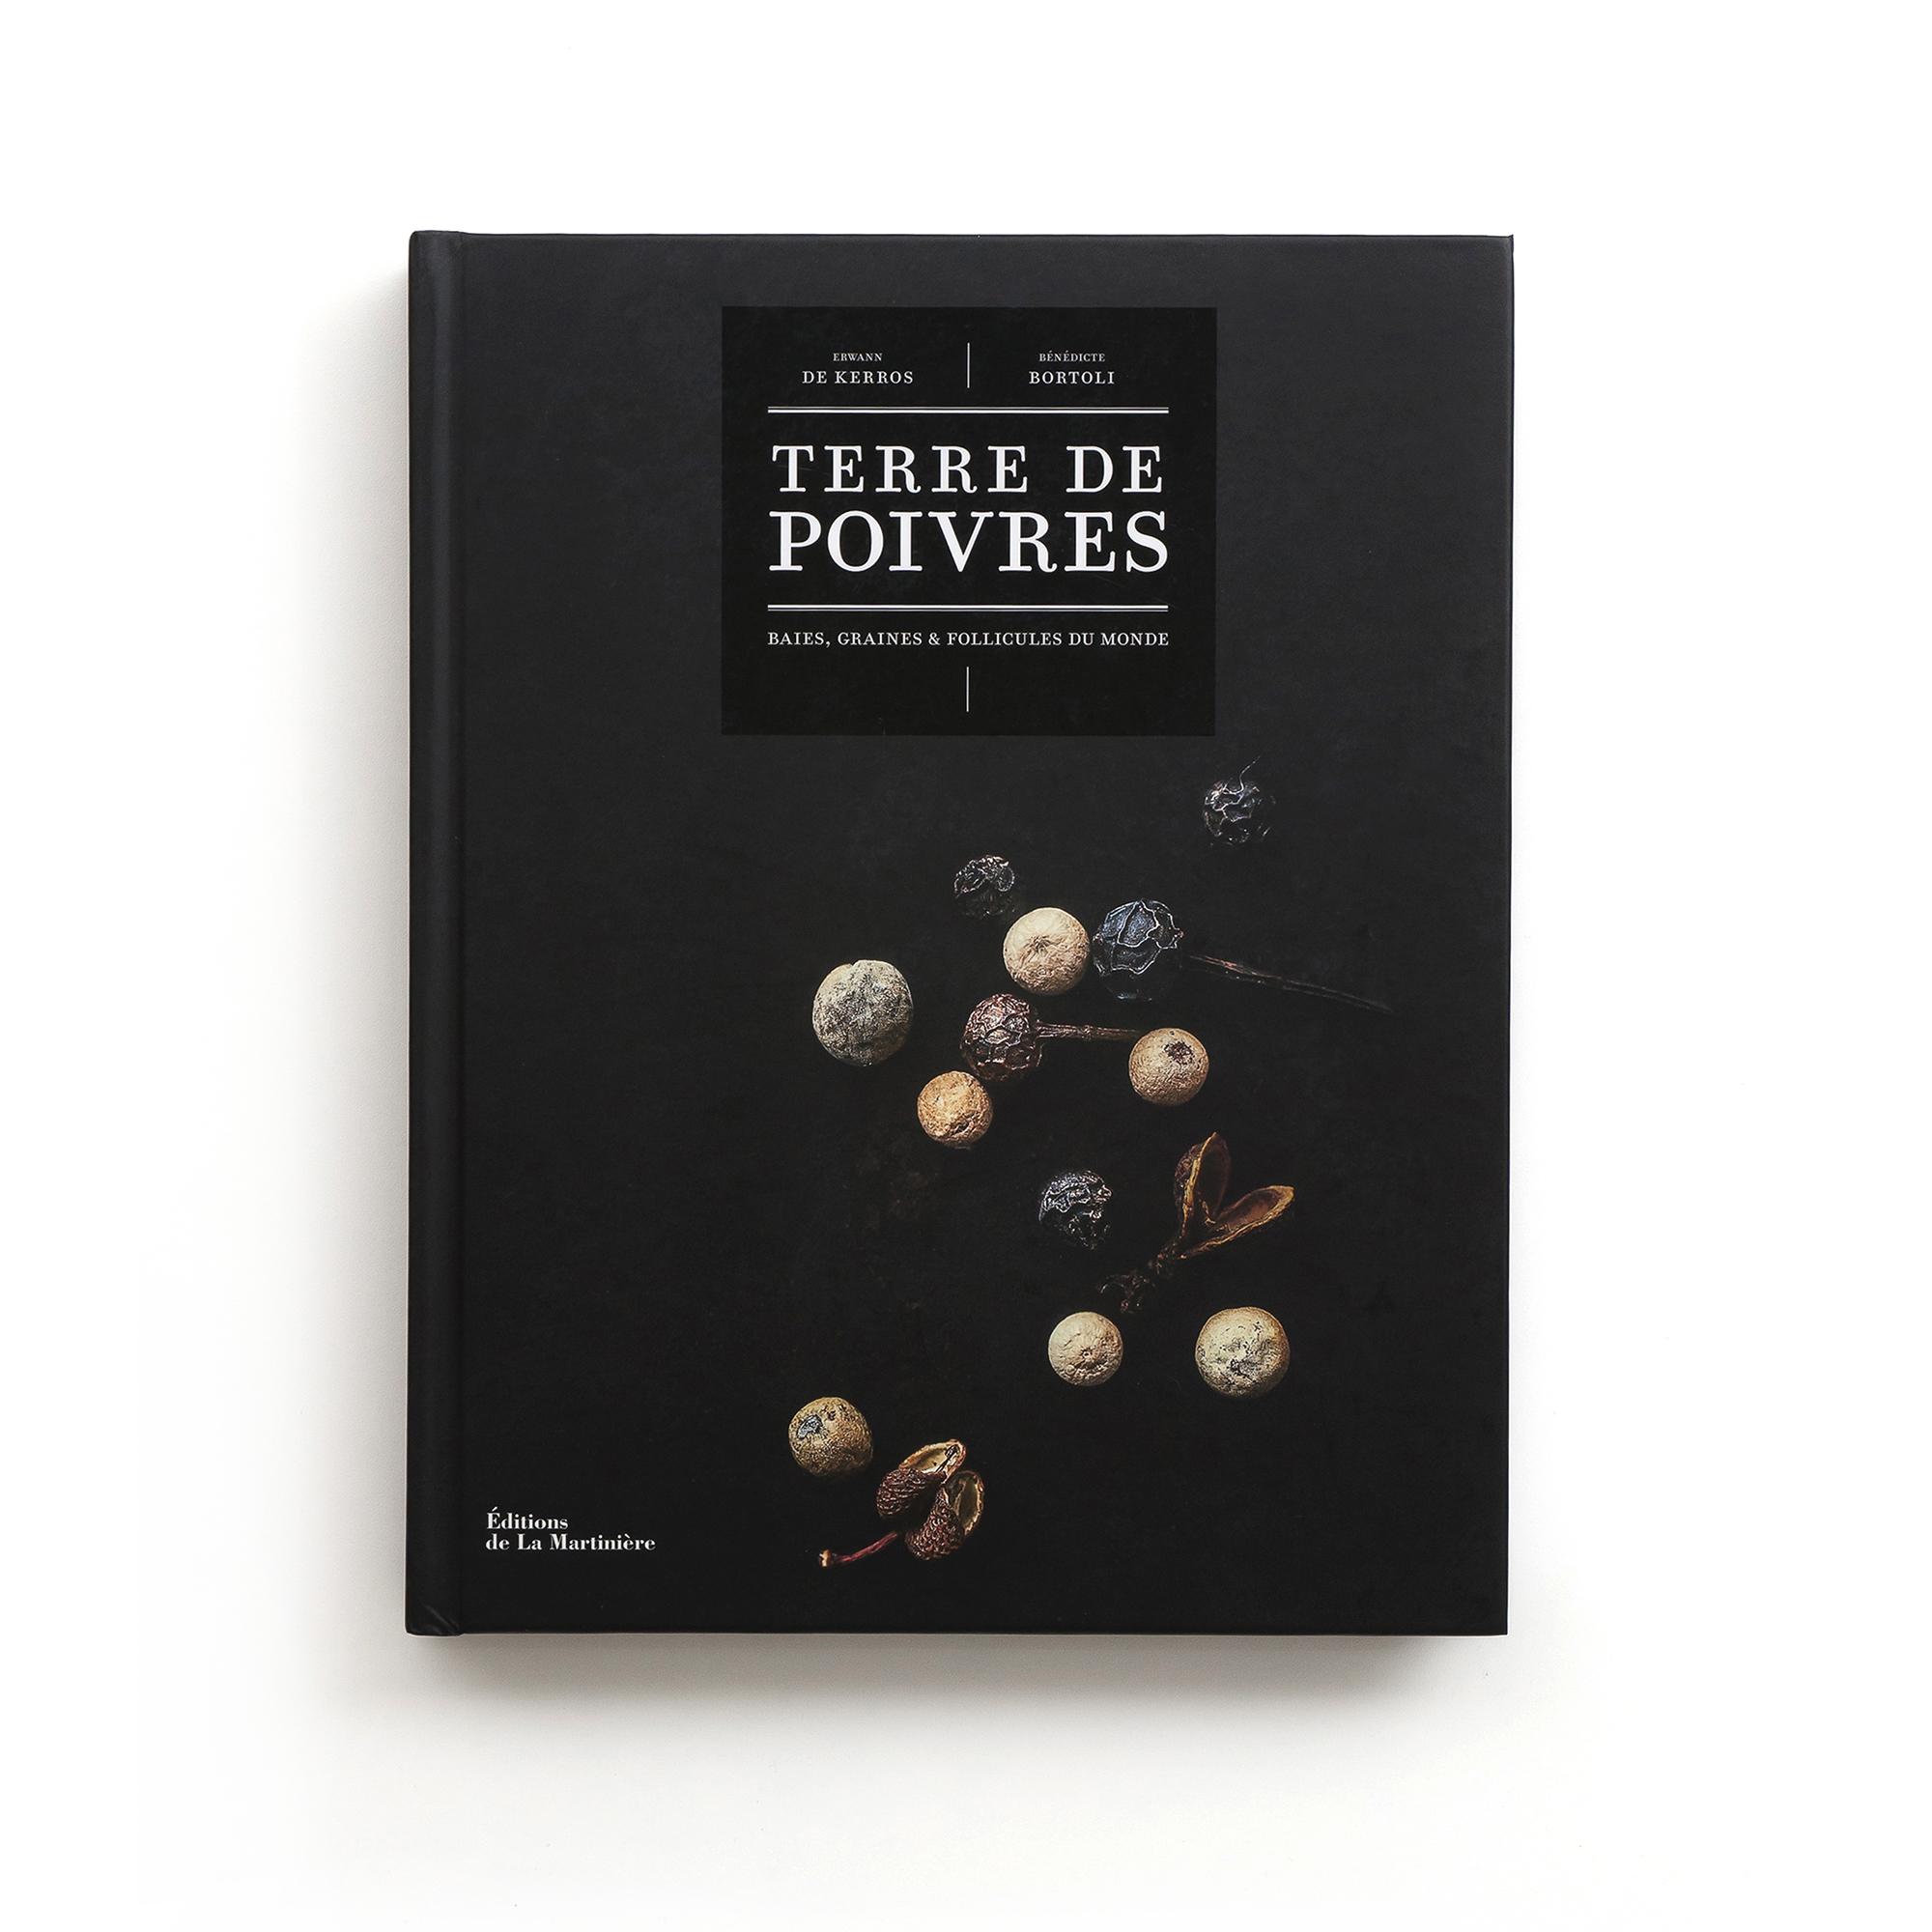 Terre de poivres  Baies, graines & follicules du monde  Erwann De Kerros et Bénédicte Bortoli   Éditions de La Martinière 304 pages